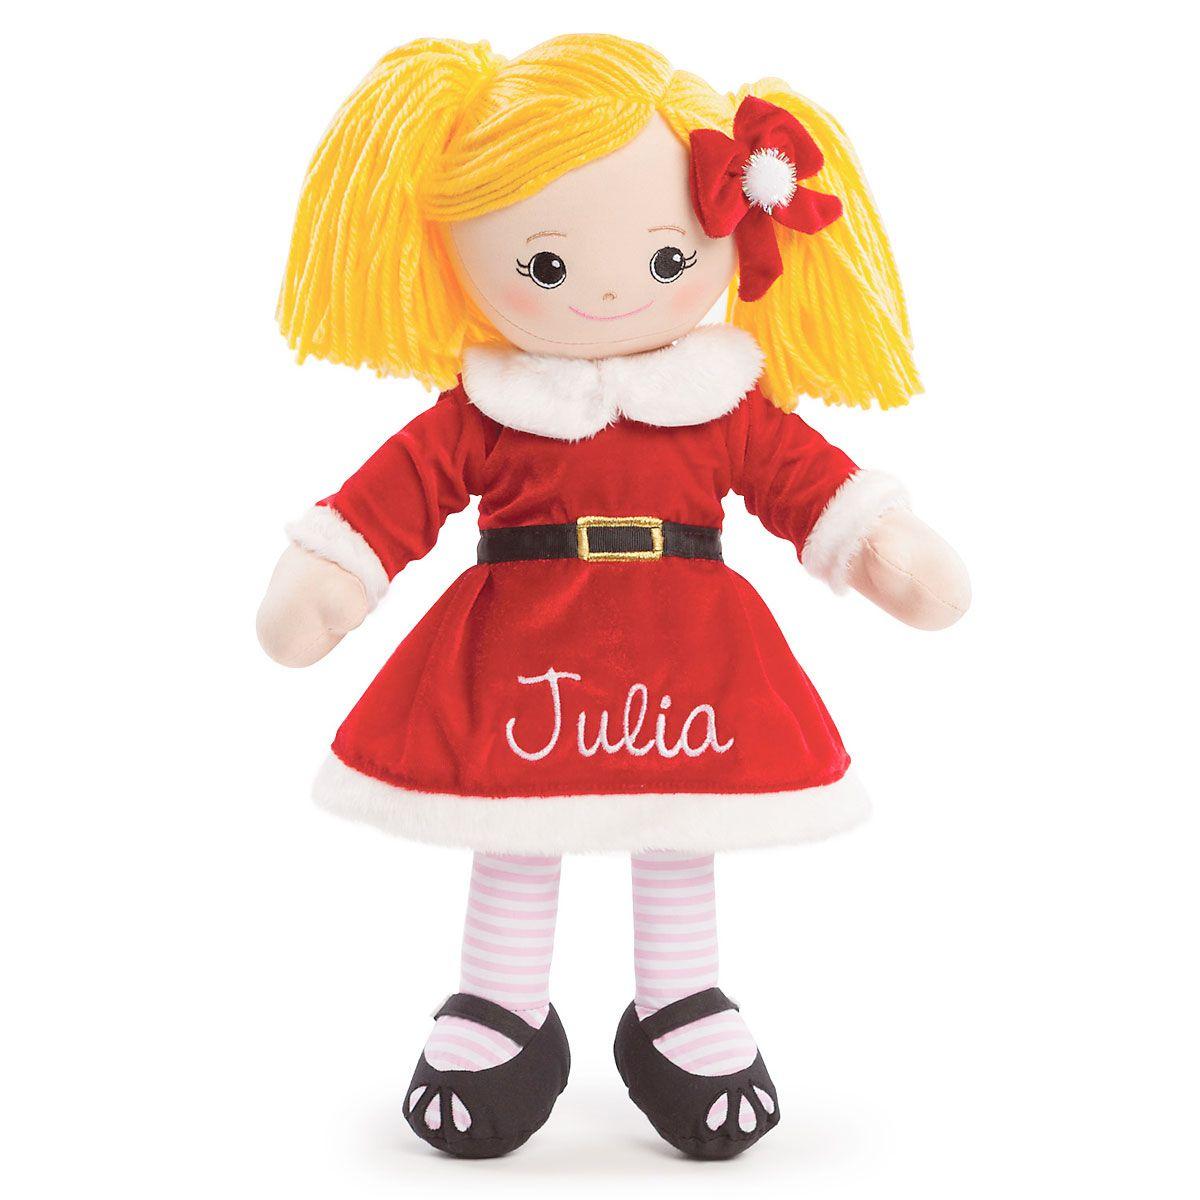 Blonde Rag Doll in Santa Dress